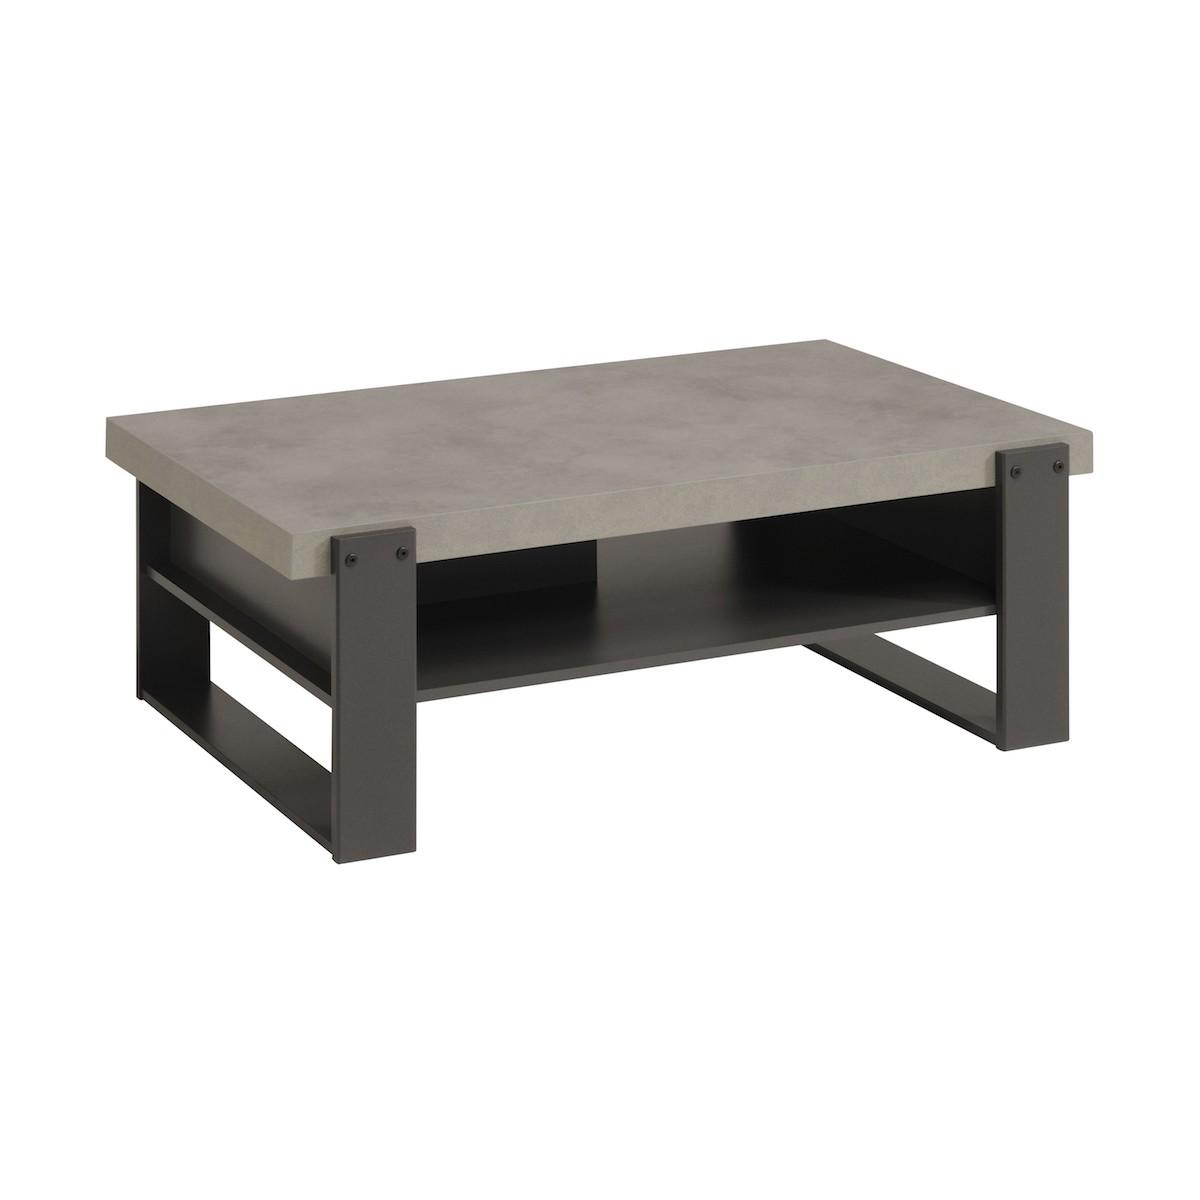 table basse industrielle eleonor en bois beton clair gris ombre amp story 5843